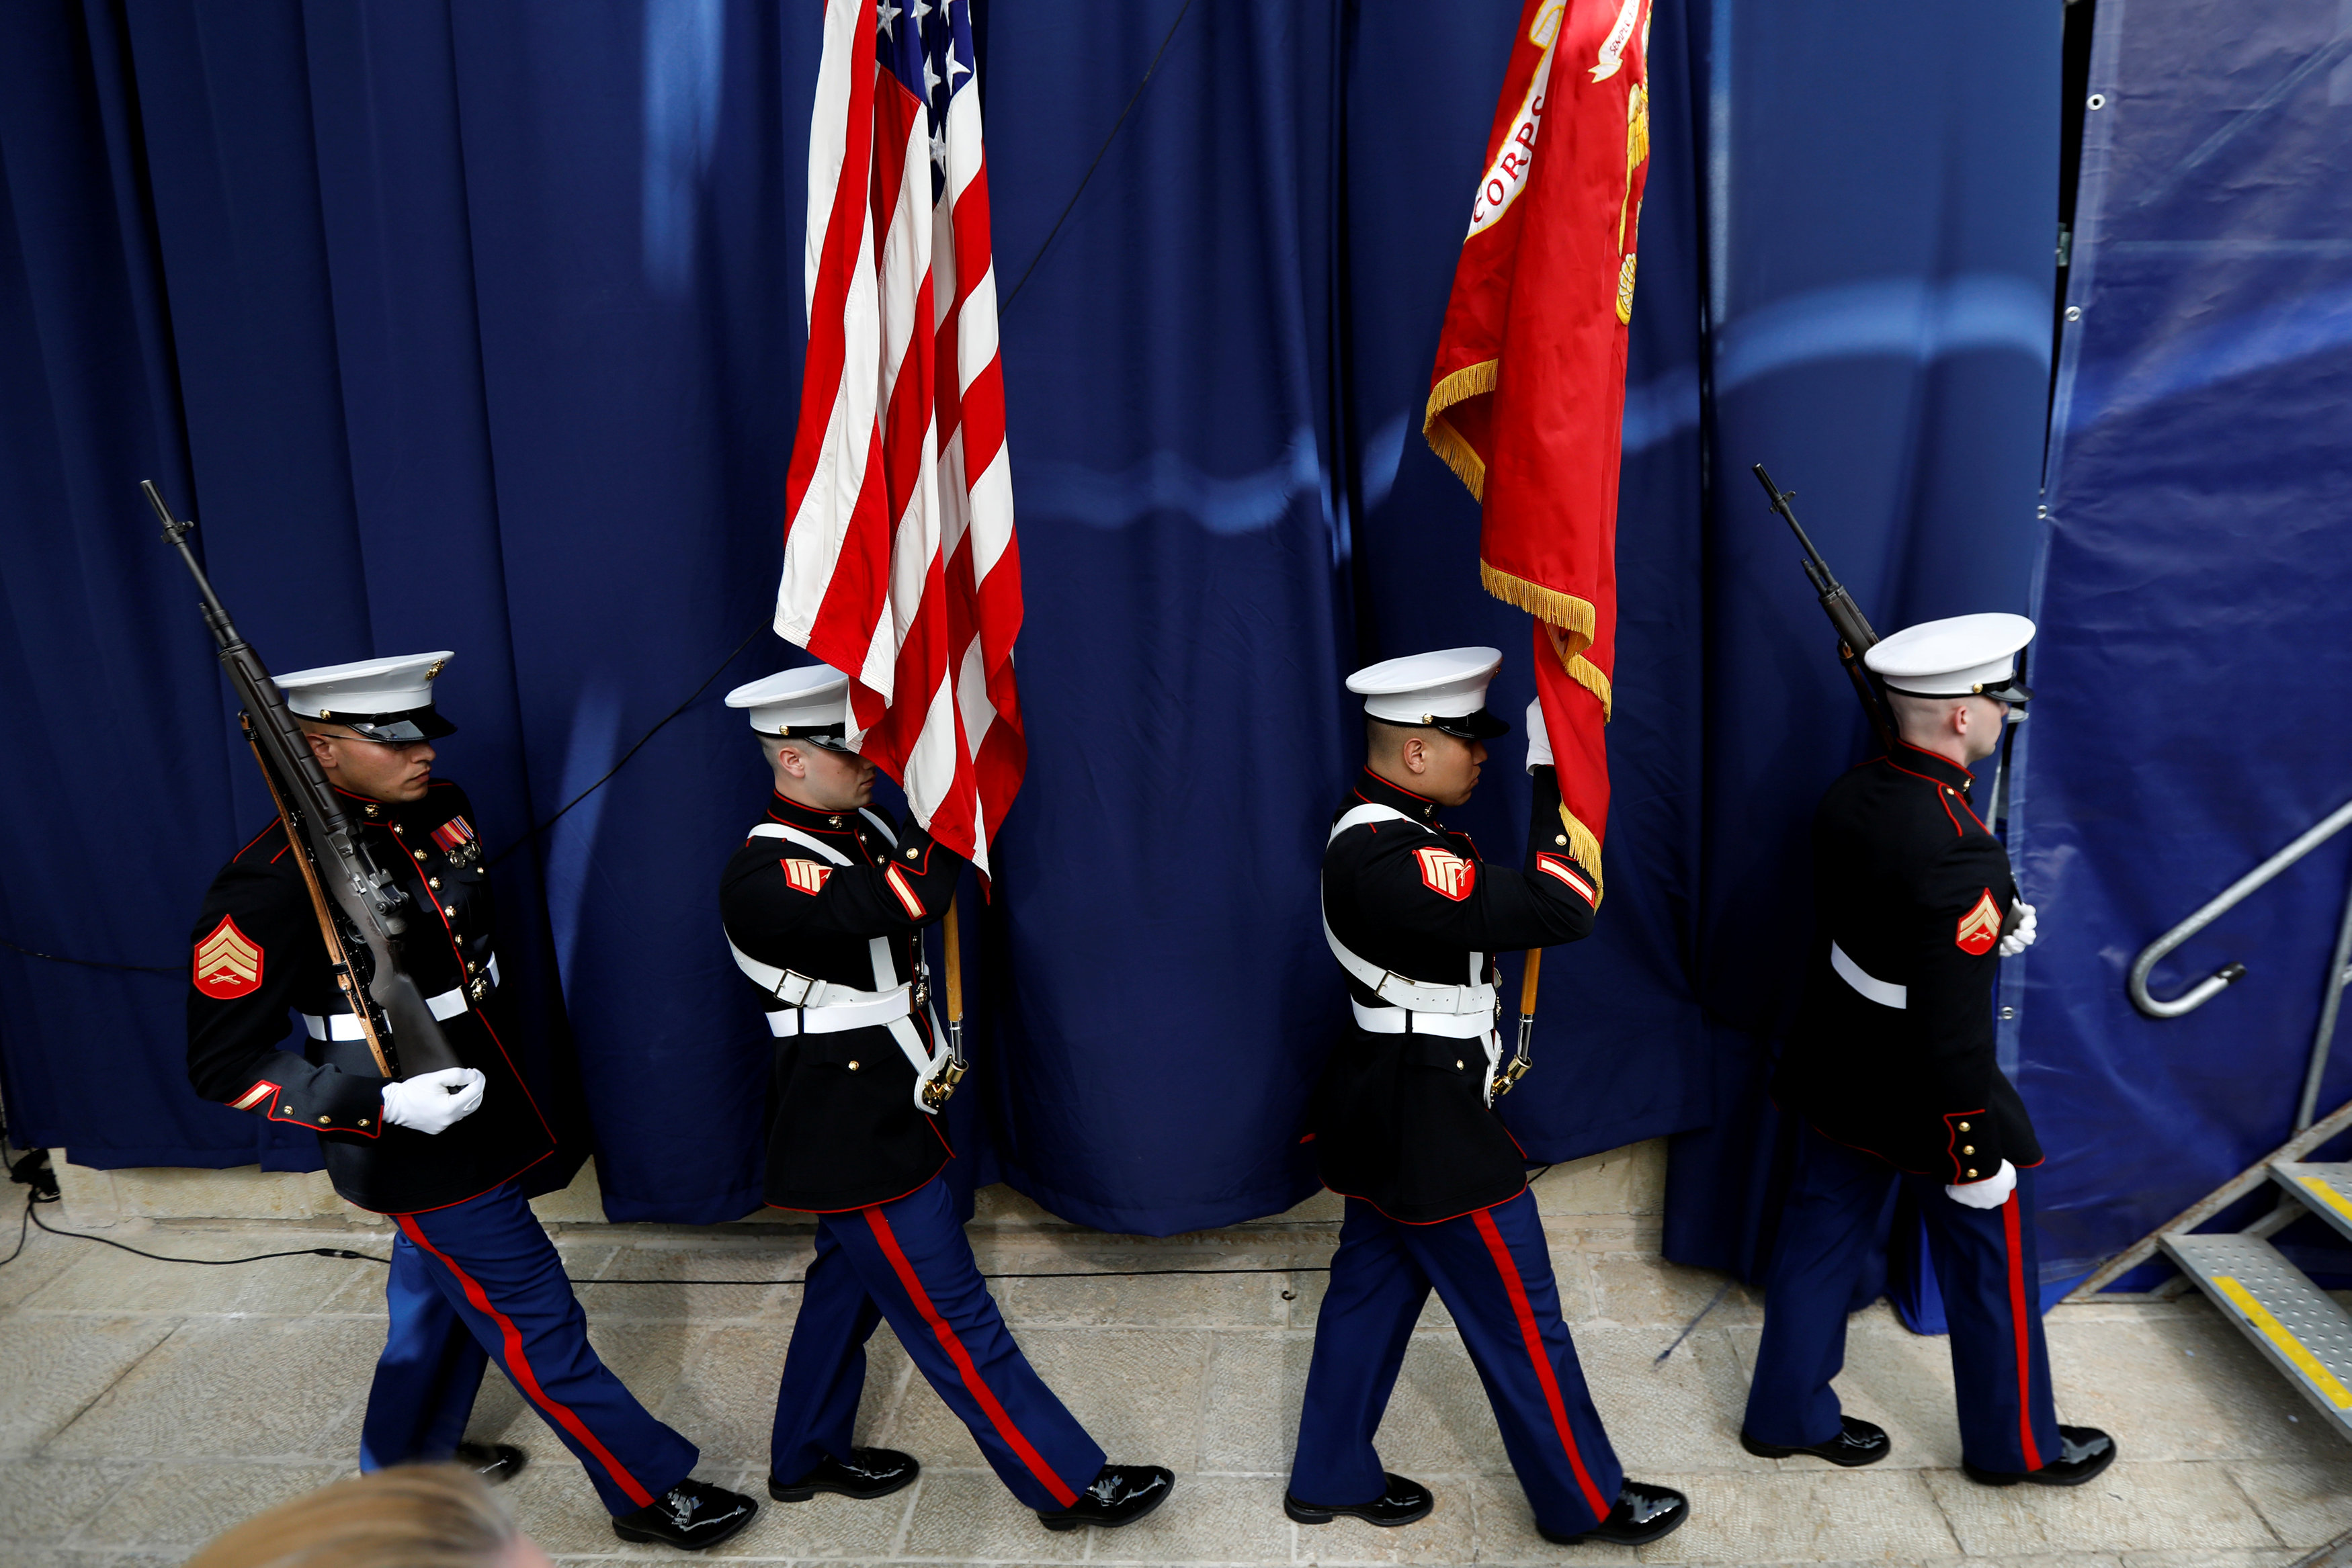 Marines de los Estados Unidos llevan la bandera en el inicio de la ceremonia (Reuters)